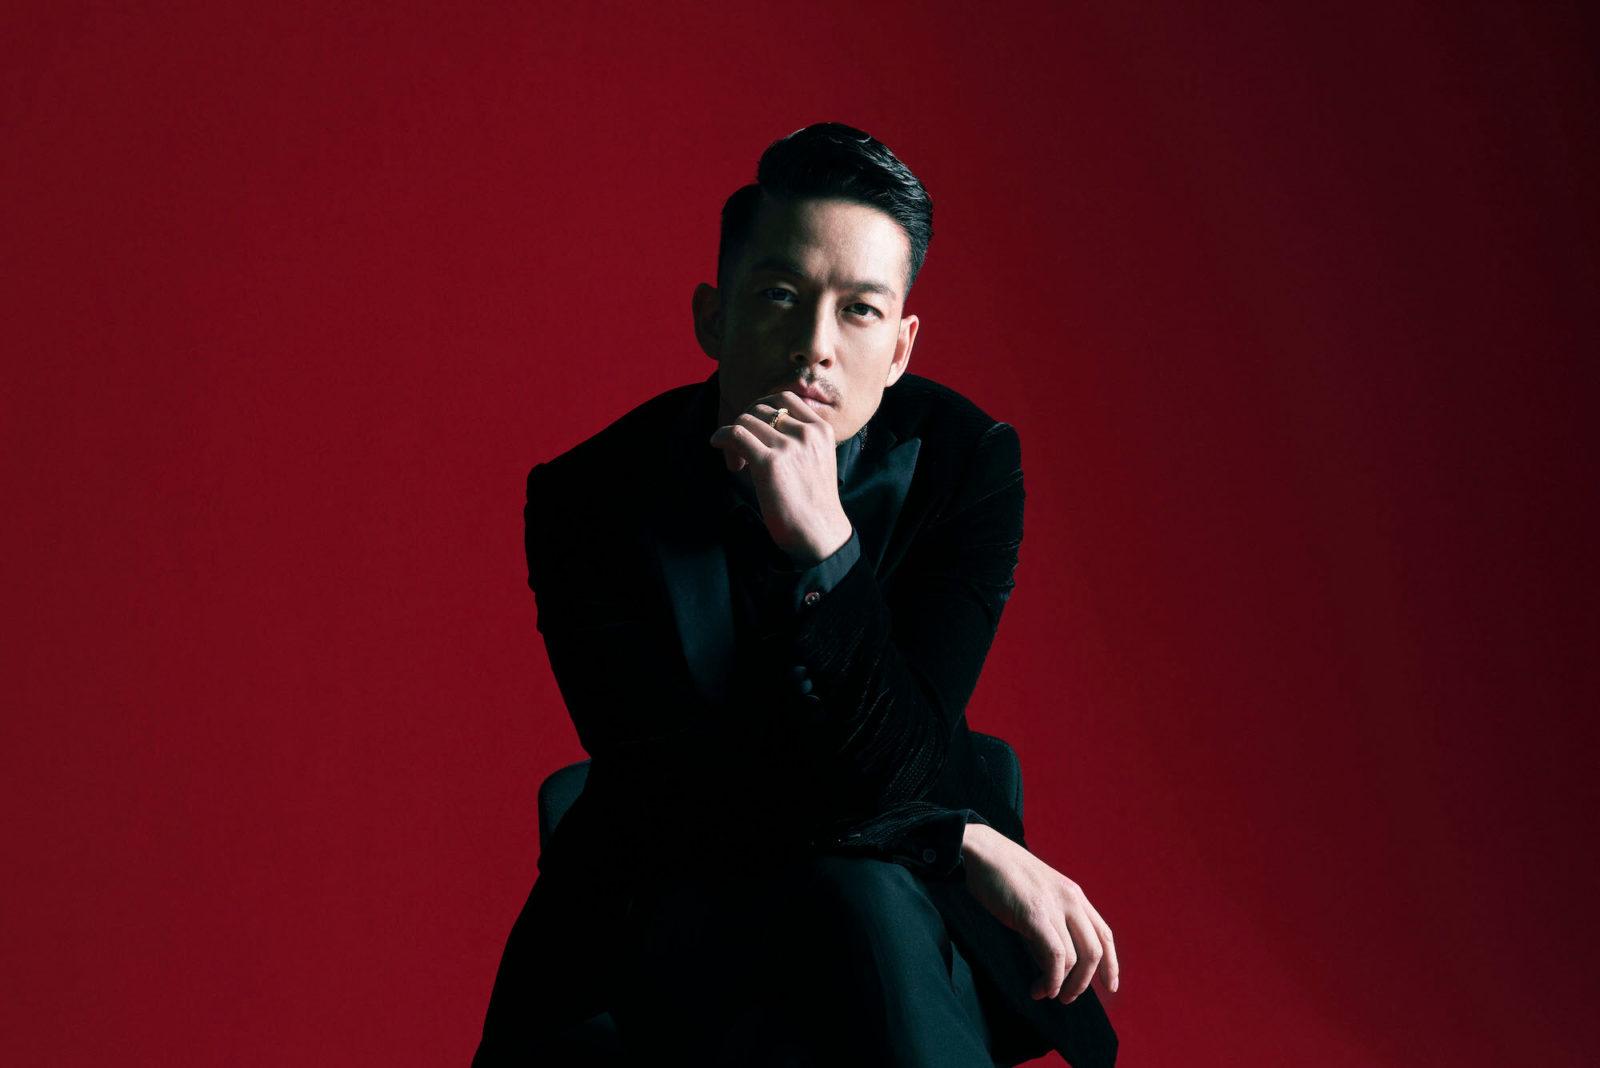 清木場俊介、NEW ALBUM「CHANGE」リリース&全国ホールツアーも開催決定サムネイル画像!